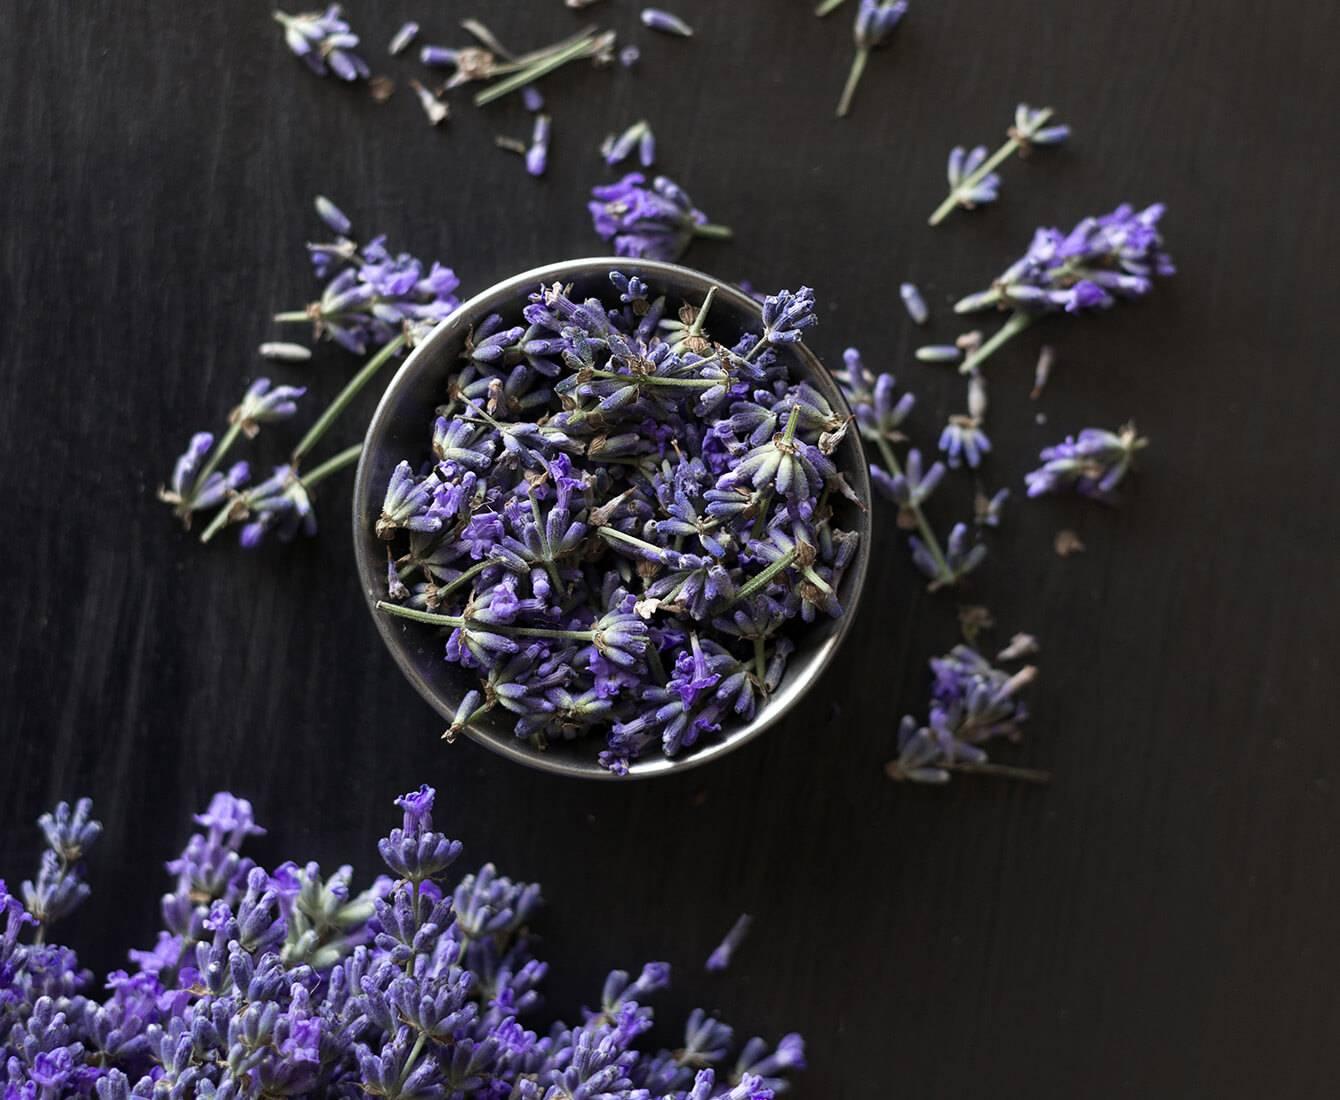 Soin holistique Förena, fleur de lavande